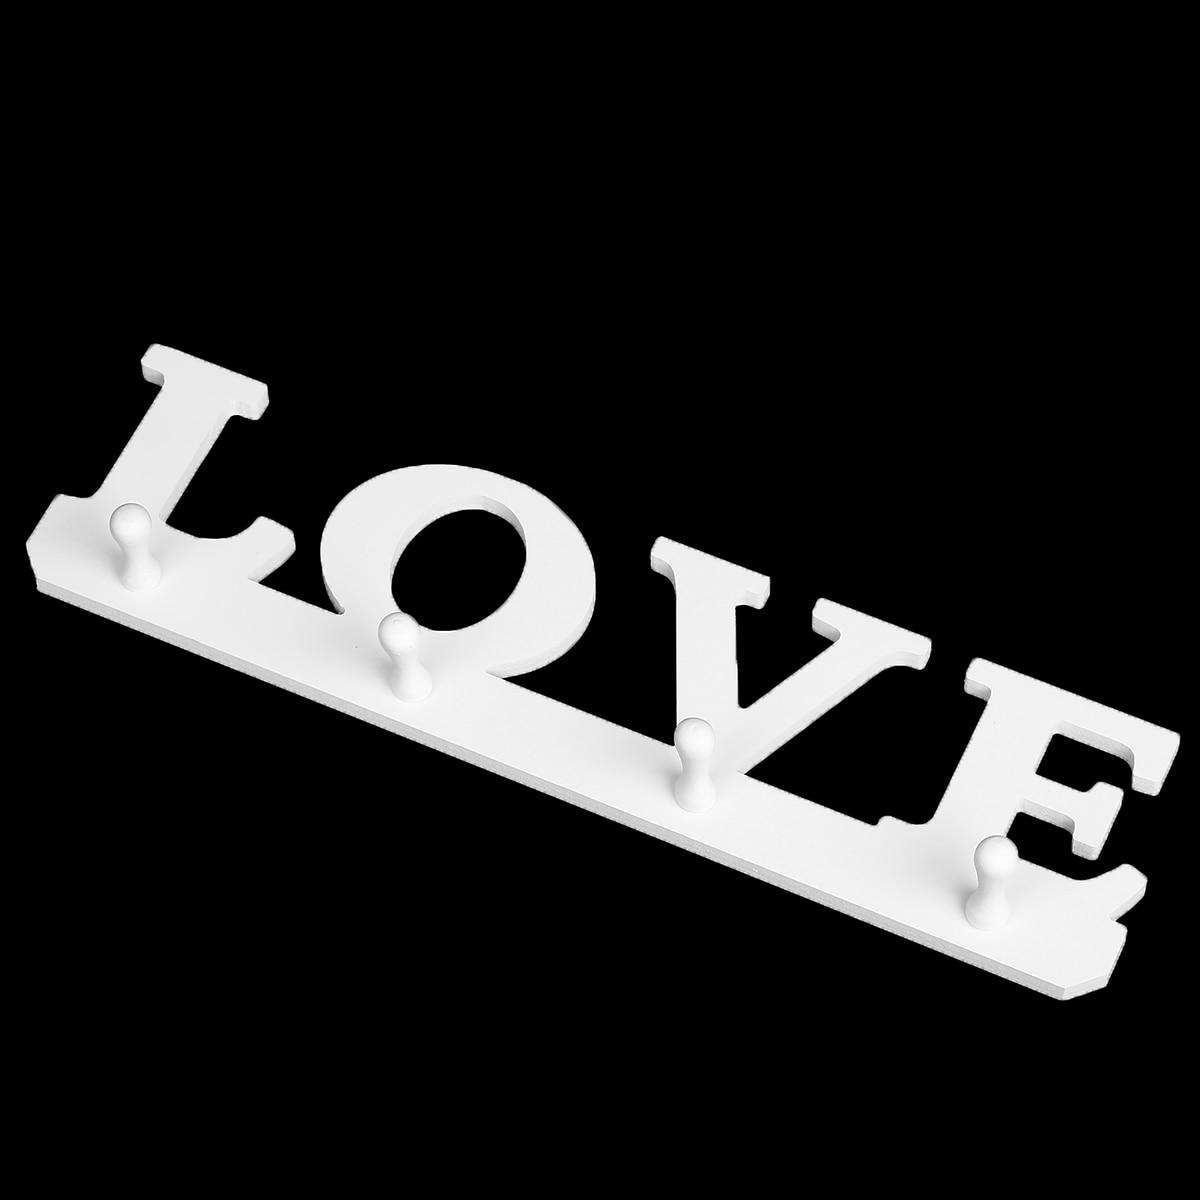 1pc White LOVE Hanger 4 Hooks Clothes Robe Hat Holder Towel Bag Key Holders Wall Hanger for Door Bathroom